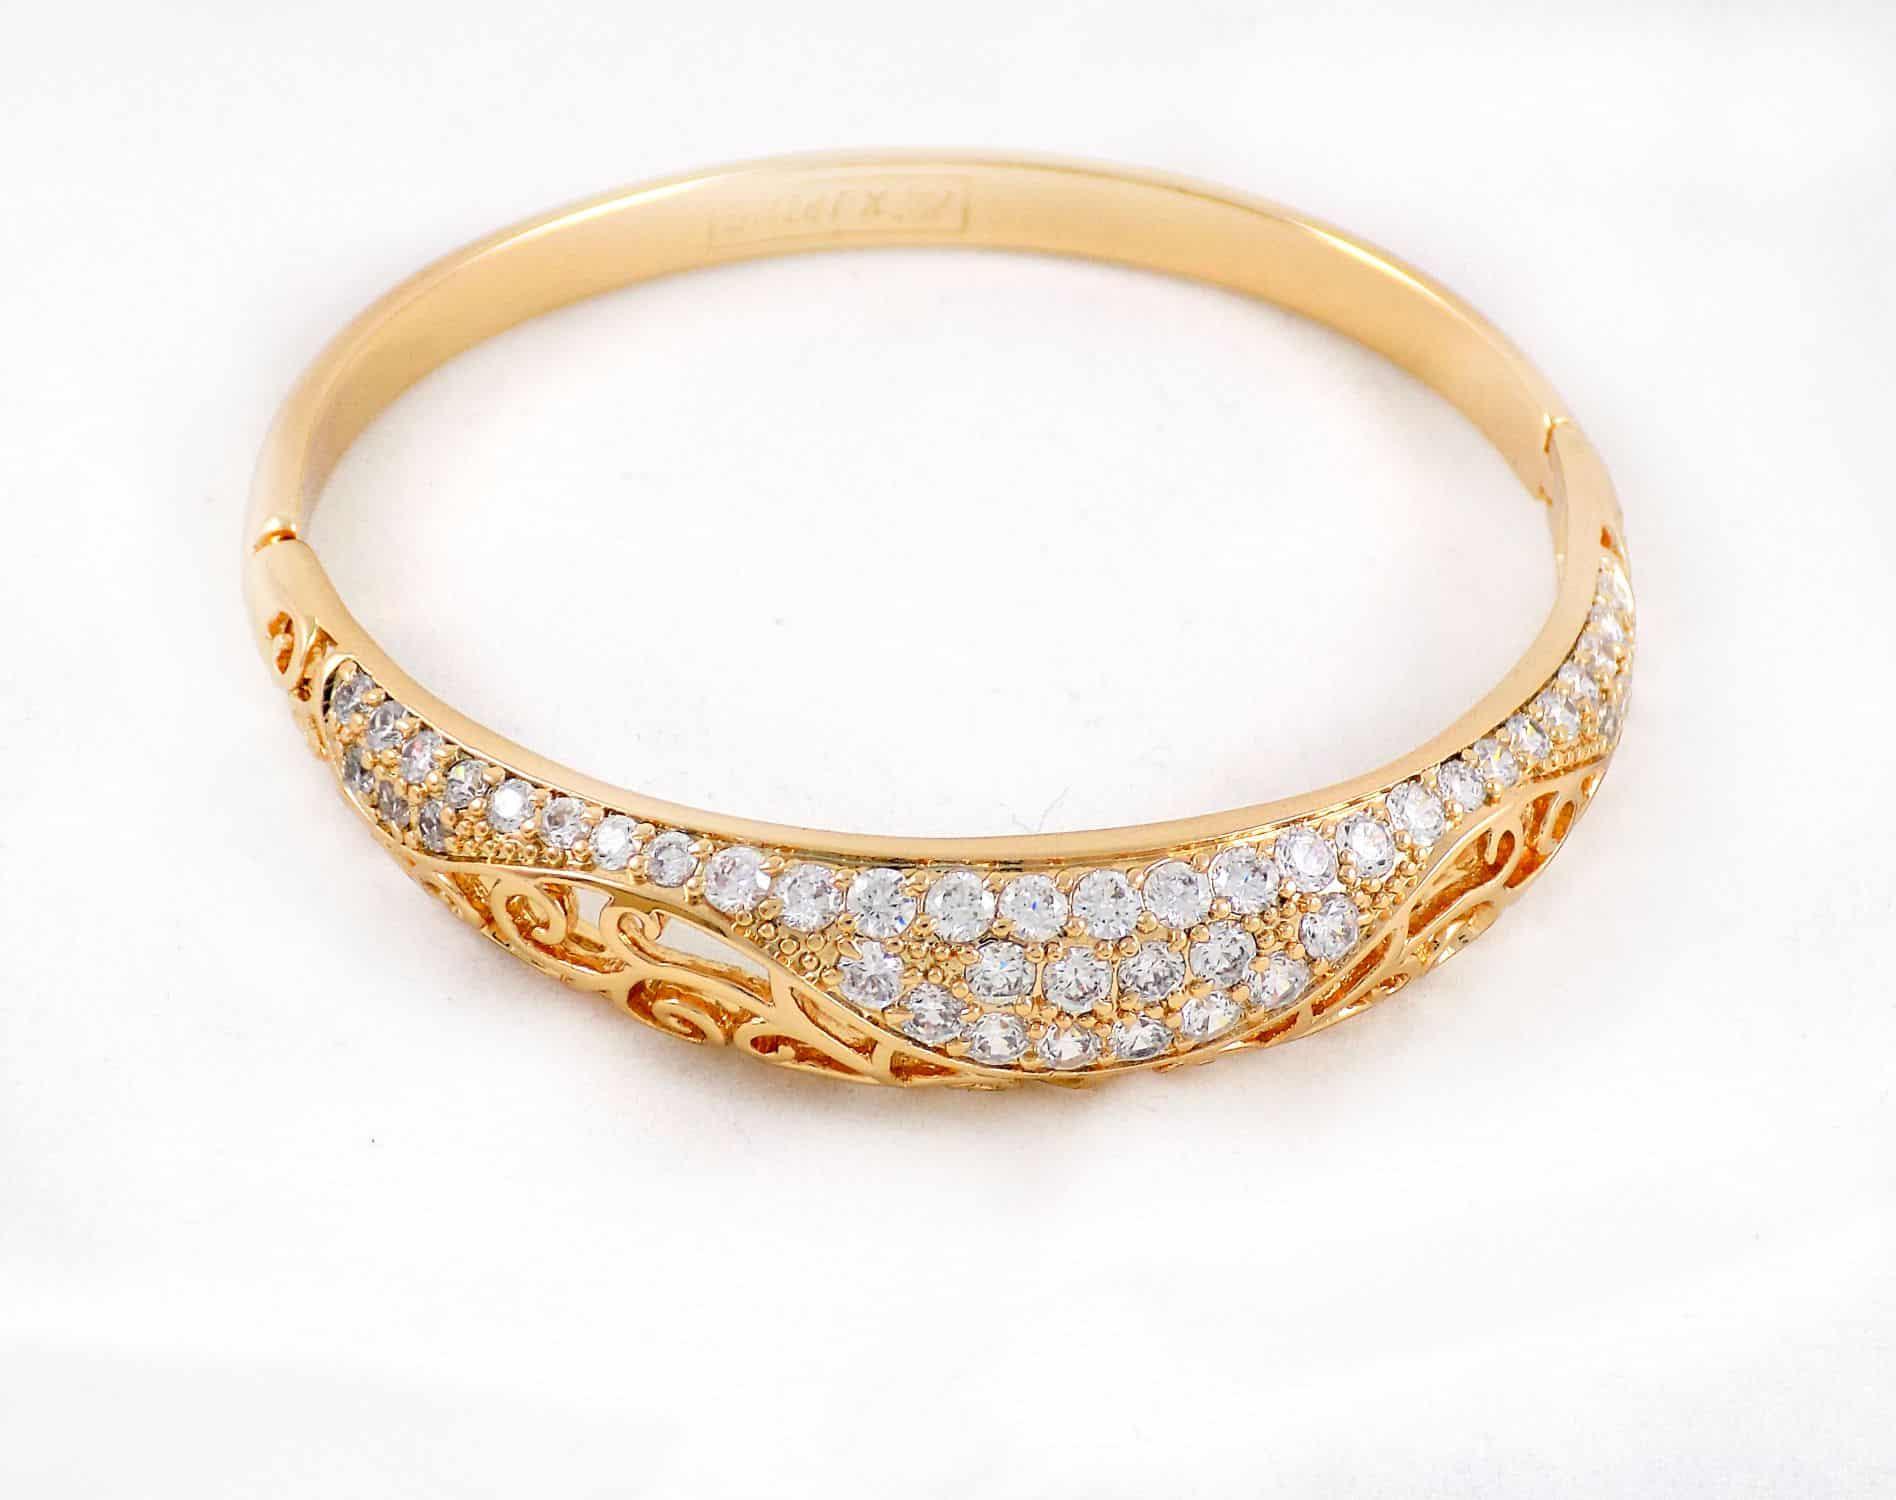 دستبند طرح طلای ژوپینگ با نگین های کریستالی سفید زیرکن ds-n162